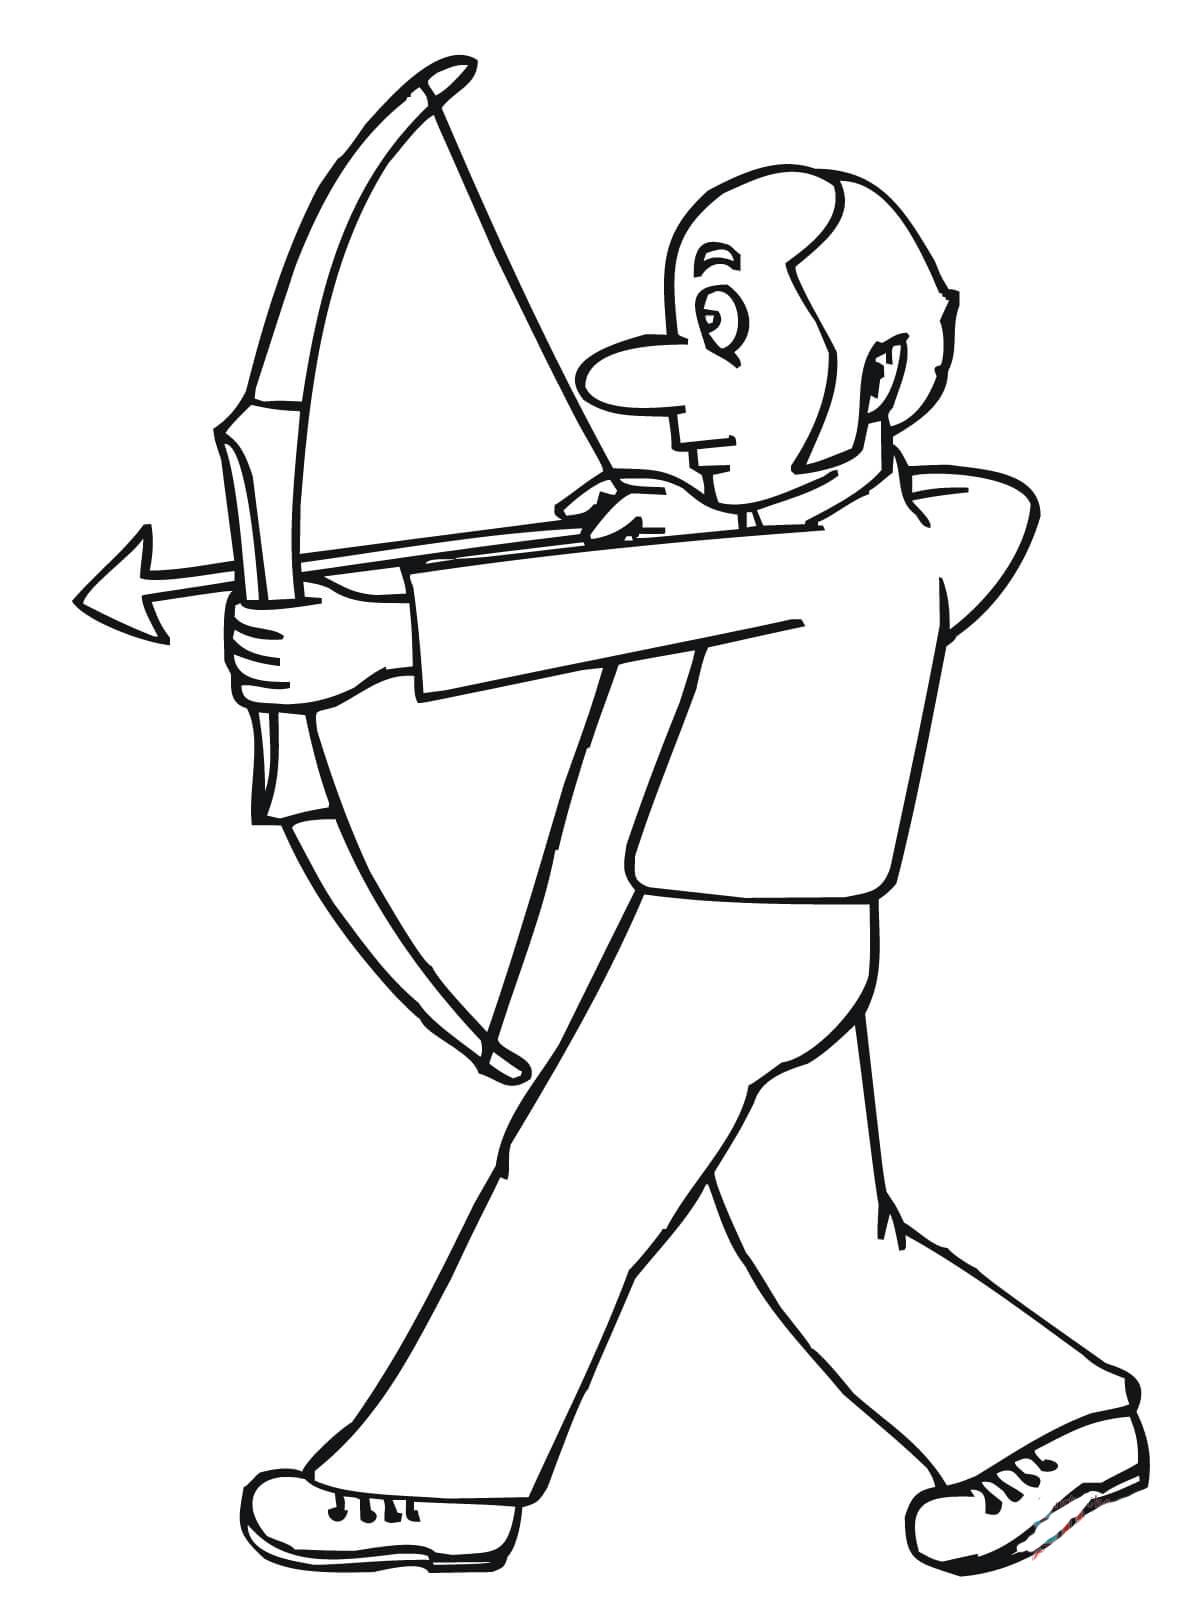 Desenho De Homem Jogando Arco E Flecha Para Colorir Tudodesenhos